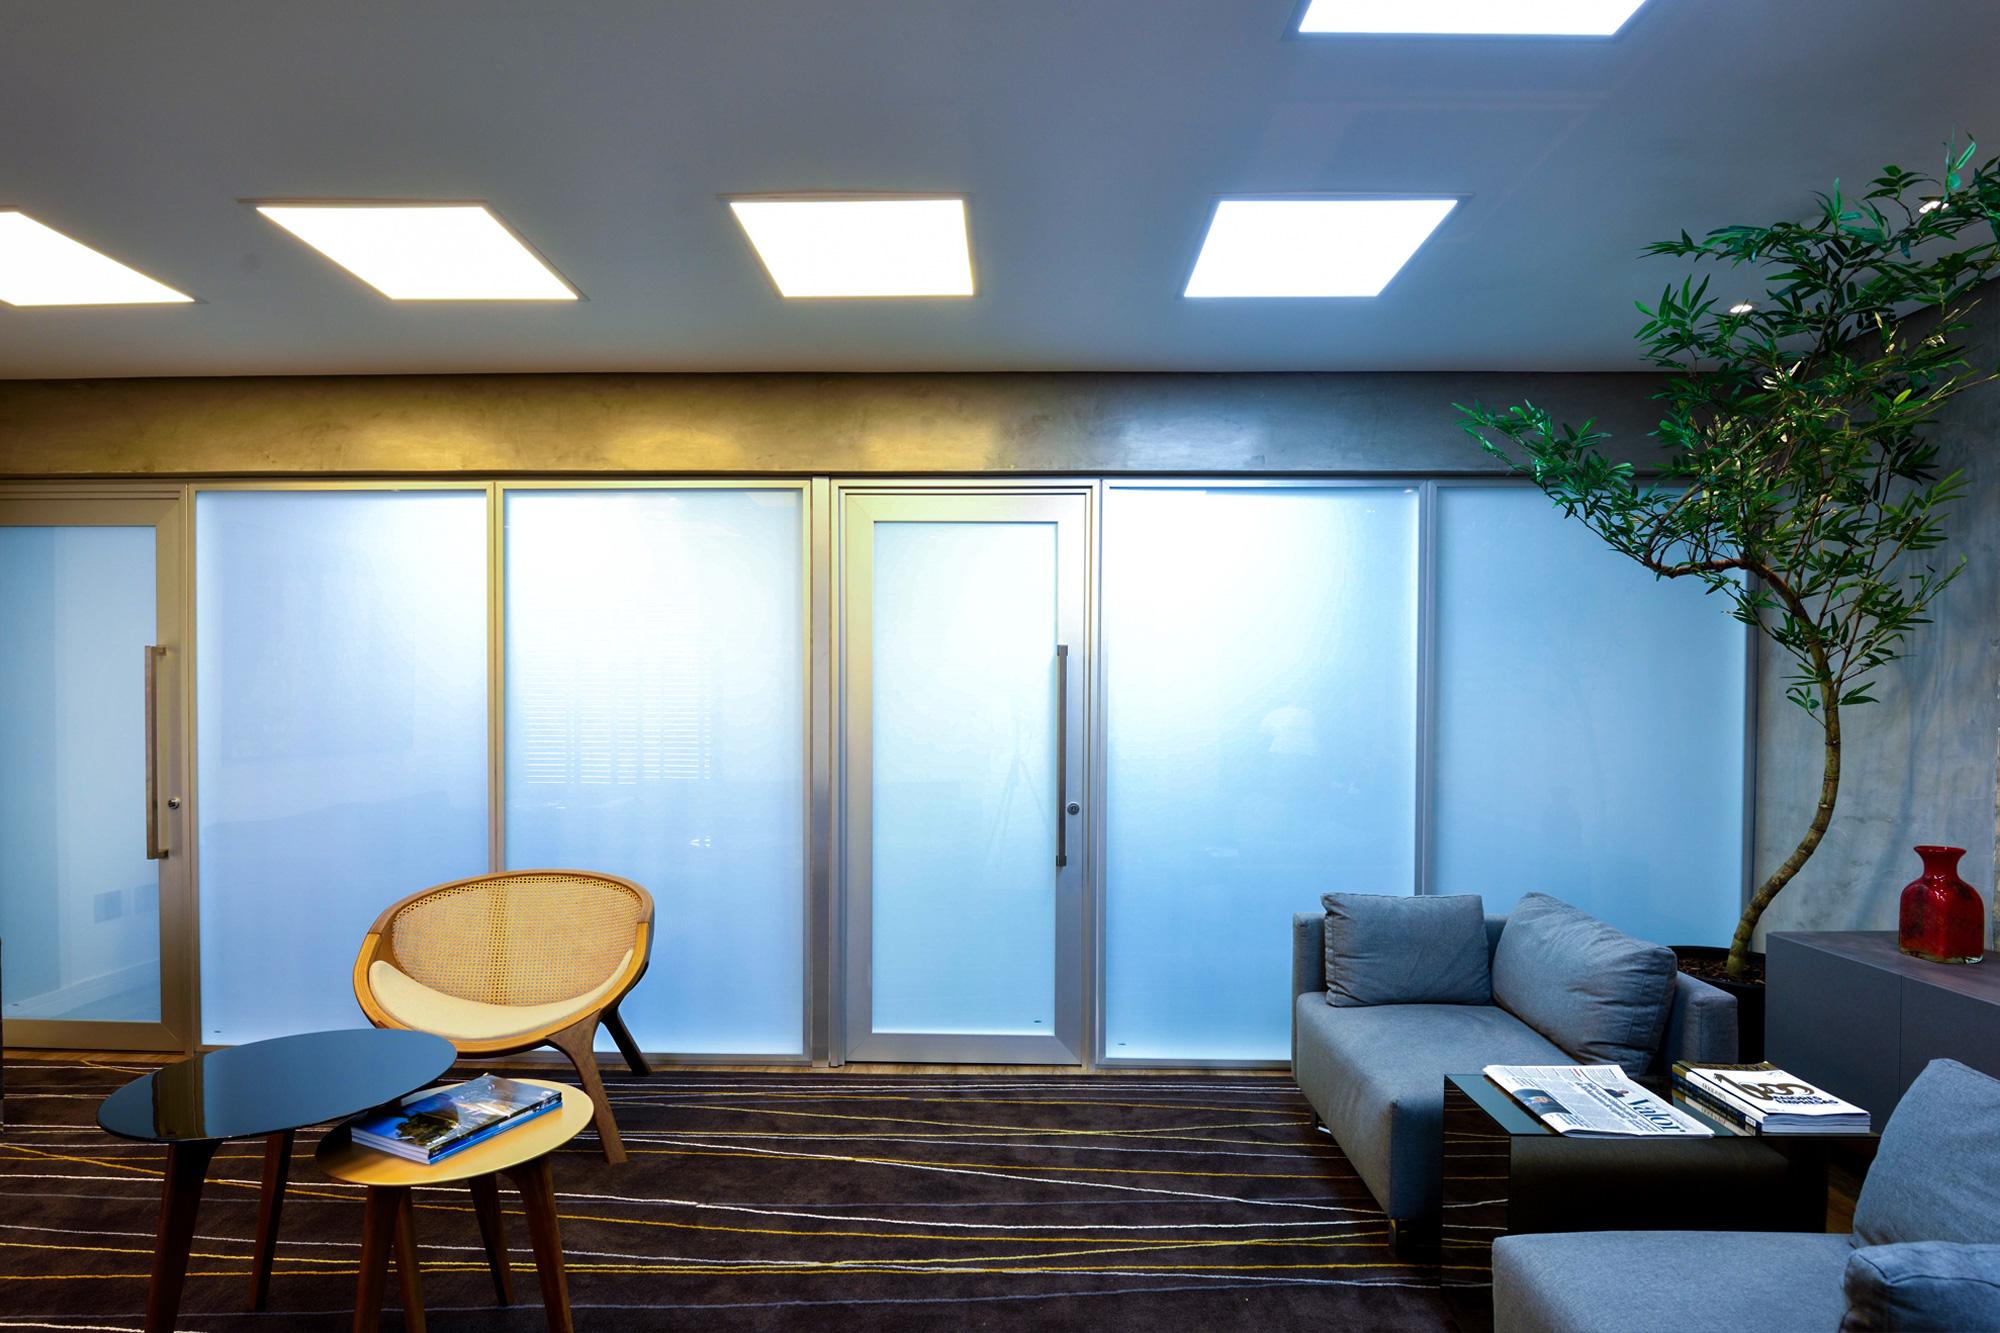 banner sala com vidro inteligente desligado